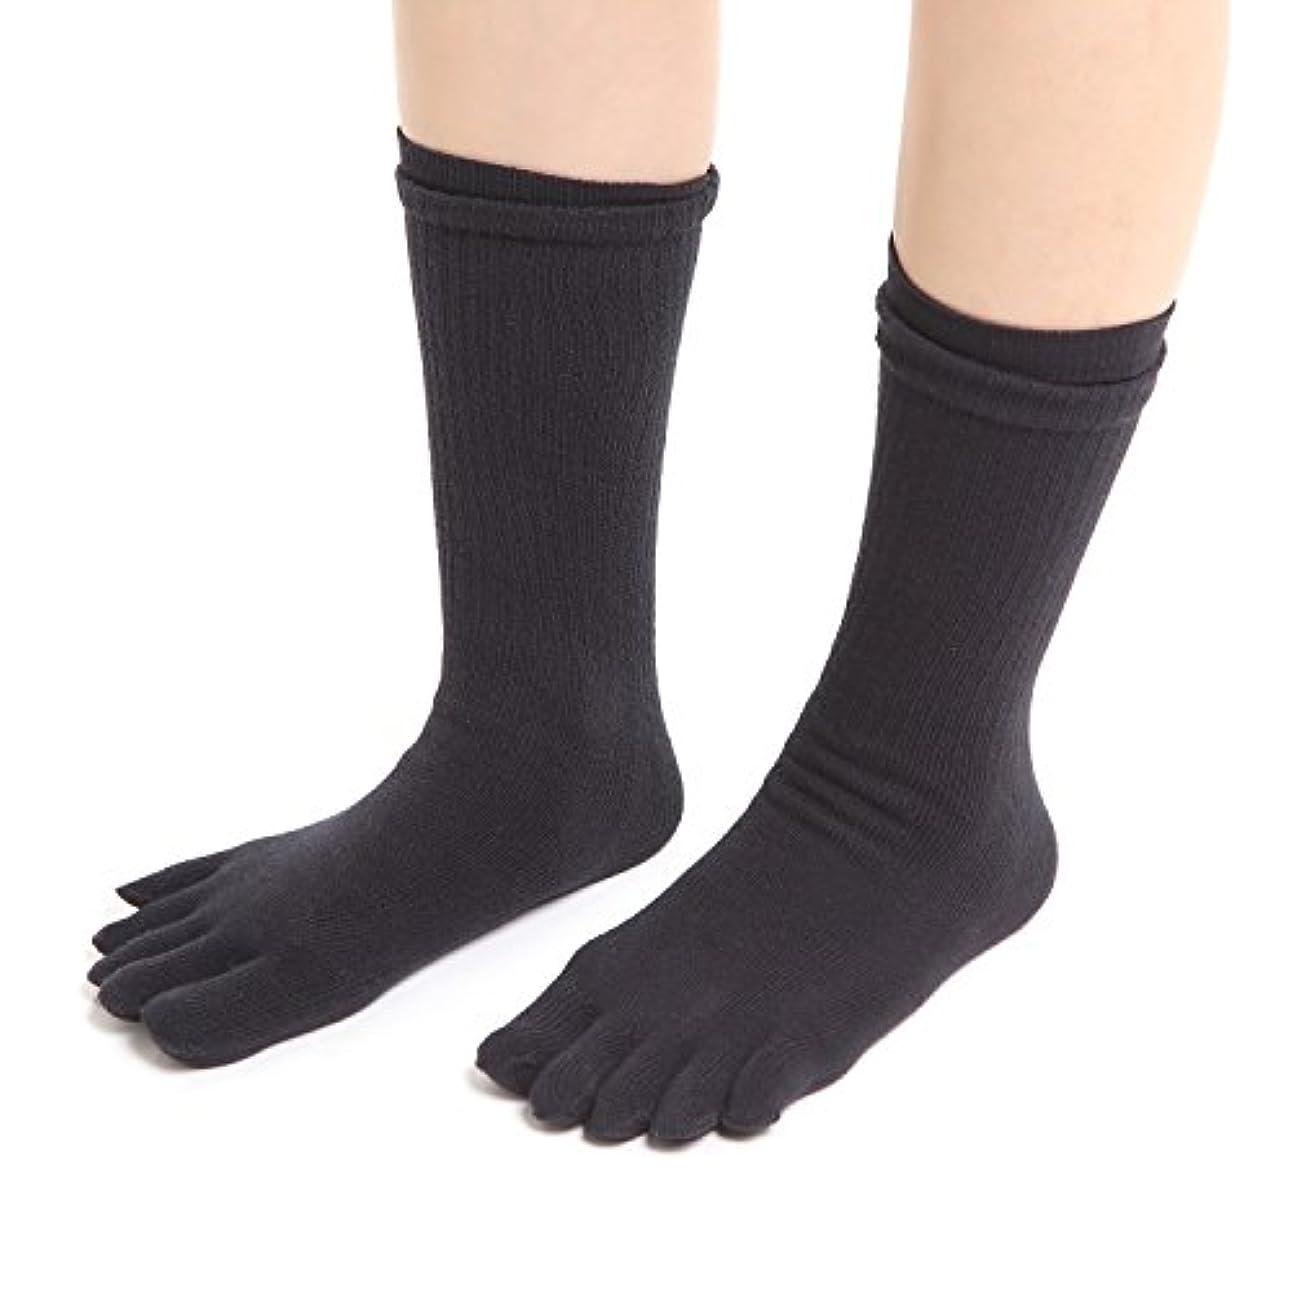 恋人気づかないラッドヤードキップリングNANA 初心者向け冷えとり靴下 内シルク外コットンソックス 2足セット 5本指ソックス フリーサイズ シルク (黒)